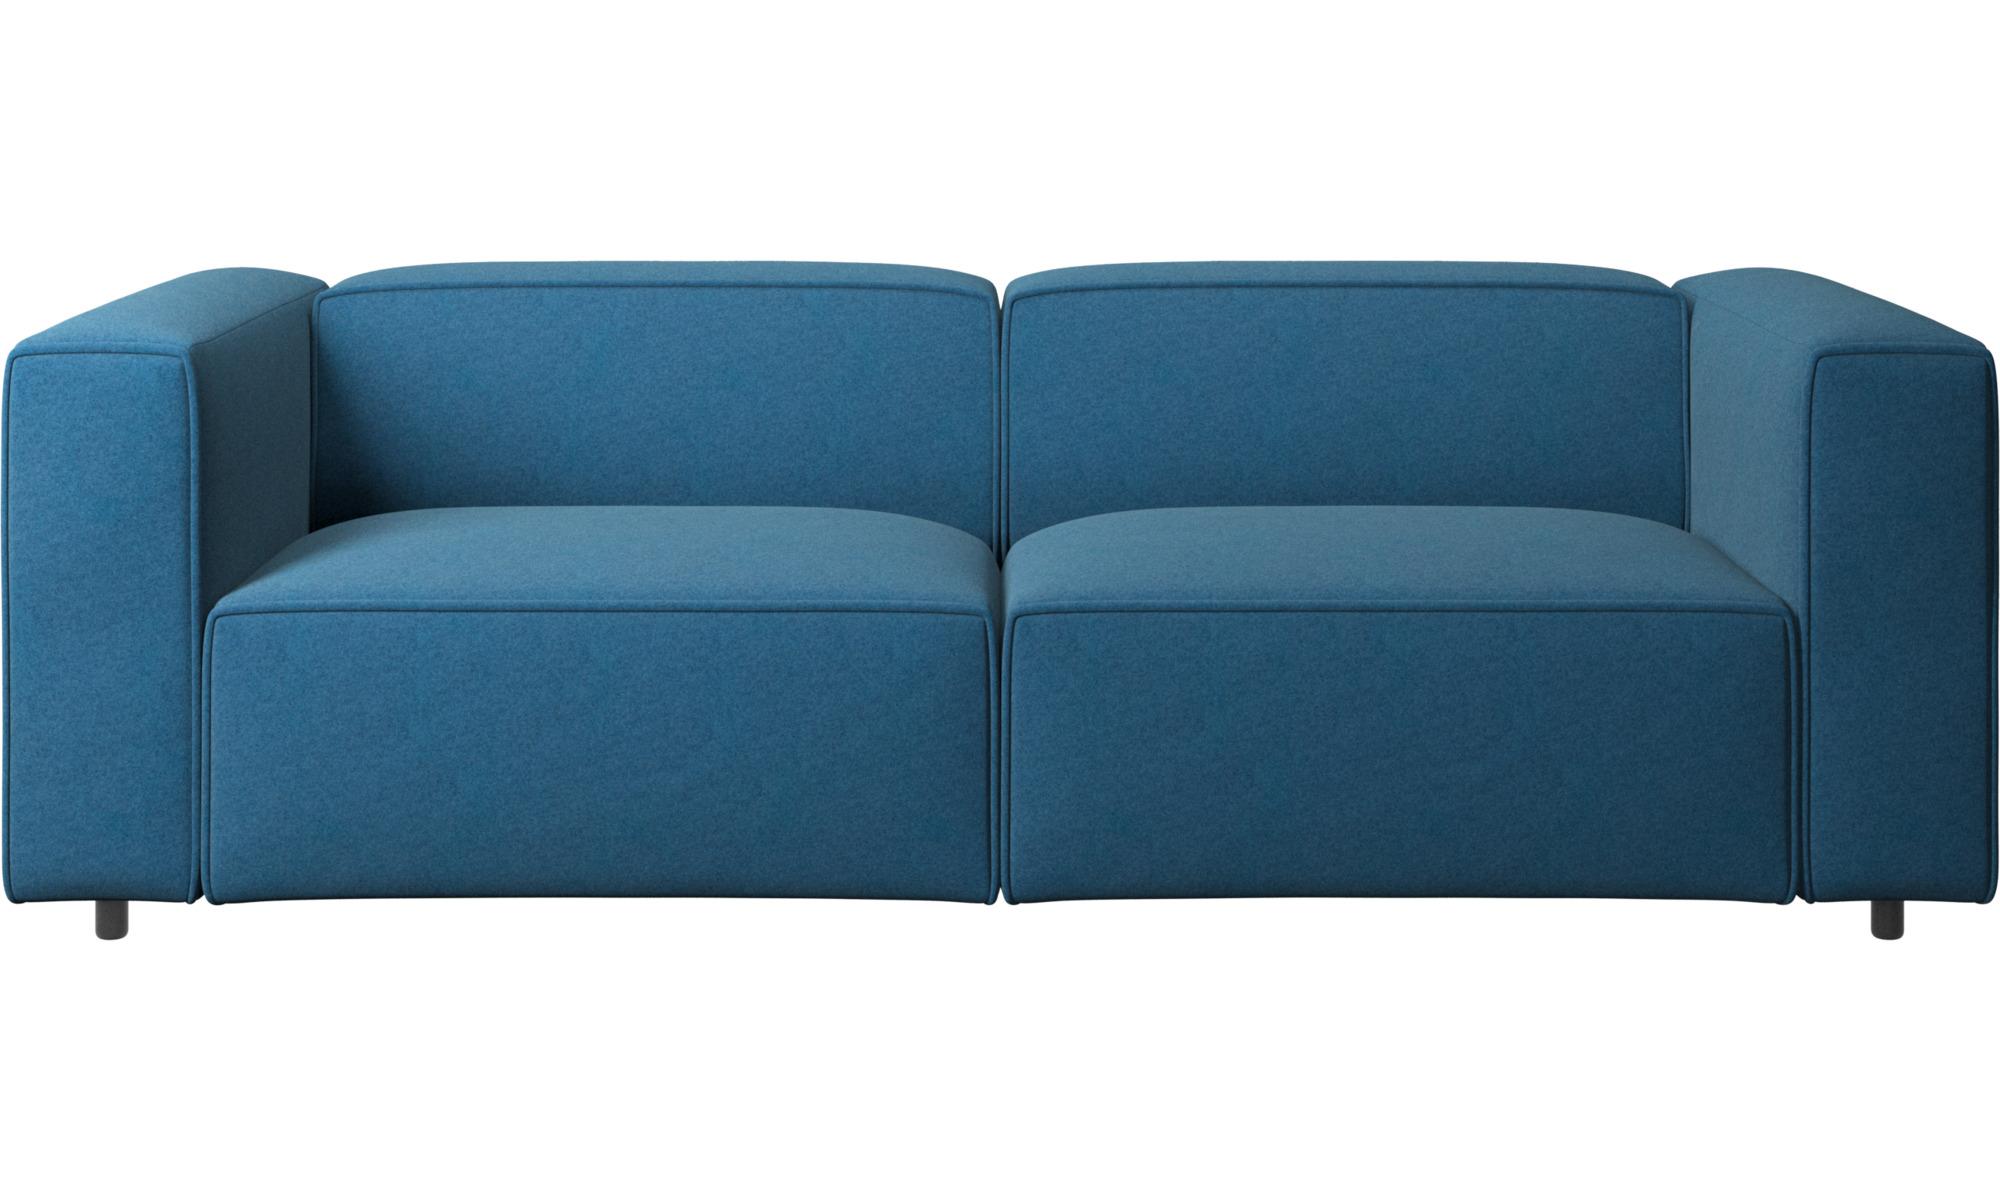 canap s 2 places et demi canap carmo boconcept. Black Bedroom Furniture Sets. Home Design Ideas